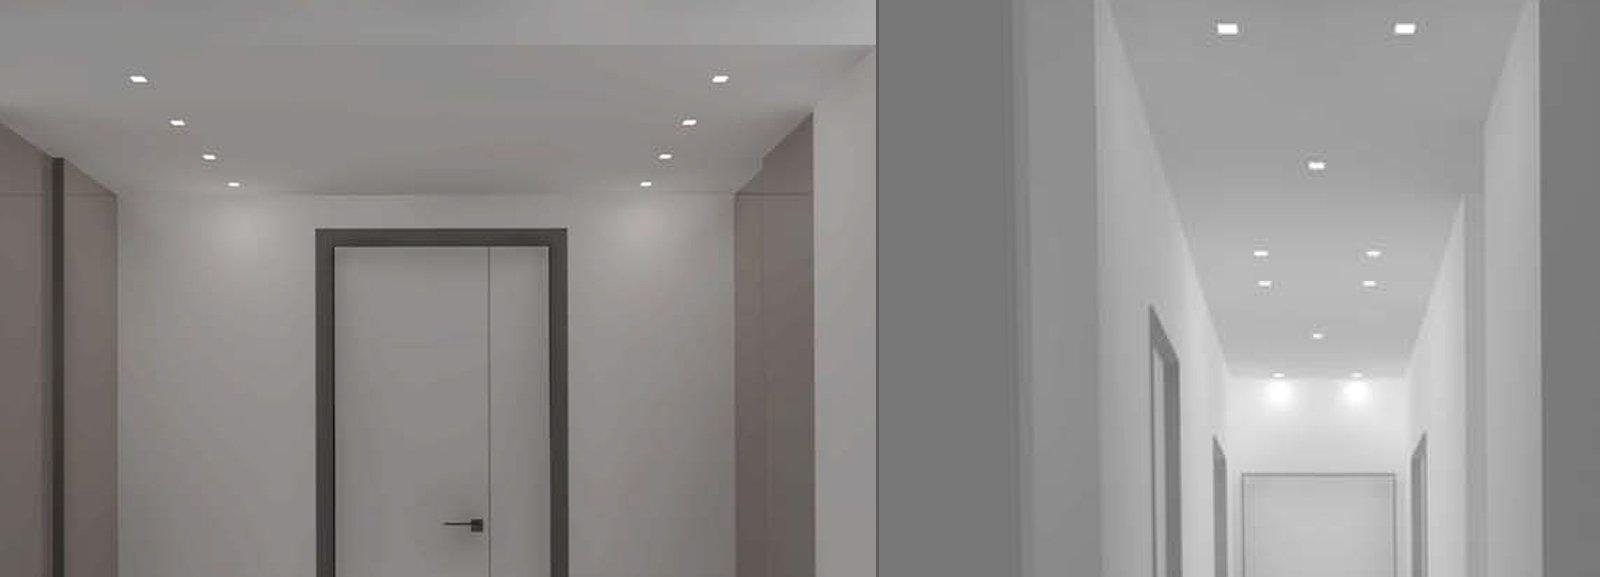 Illuminare gli ambienti con i faretti - Cose di Casa